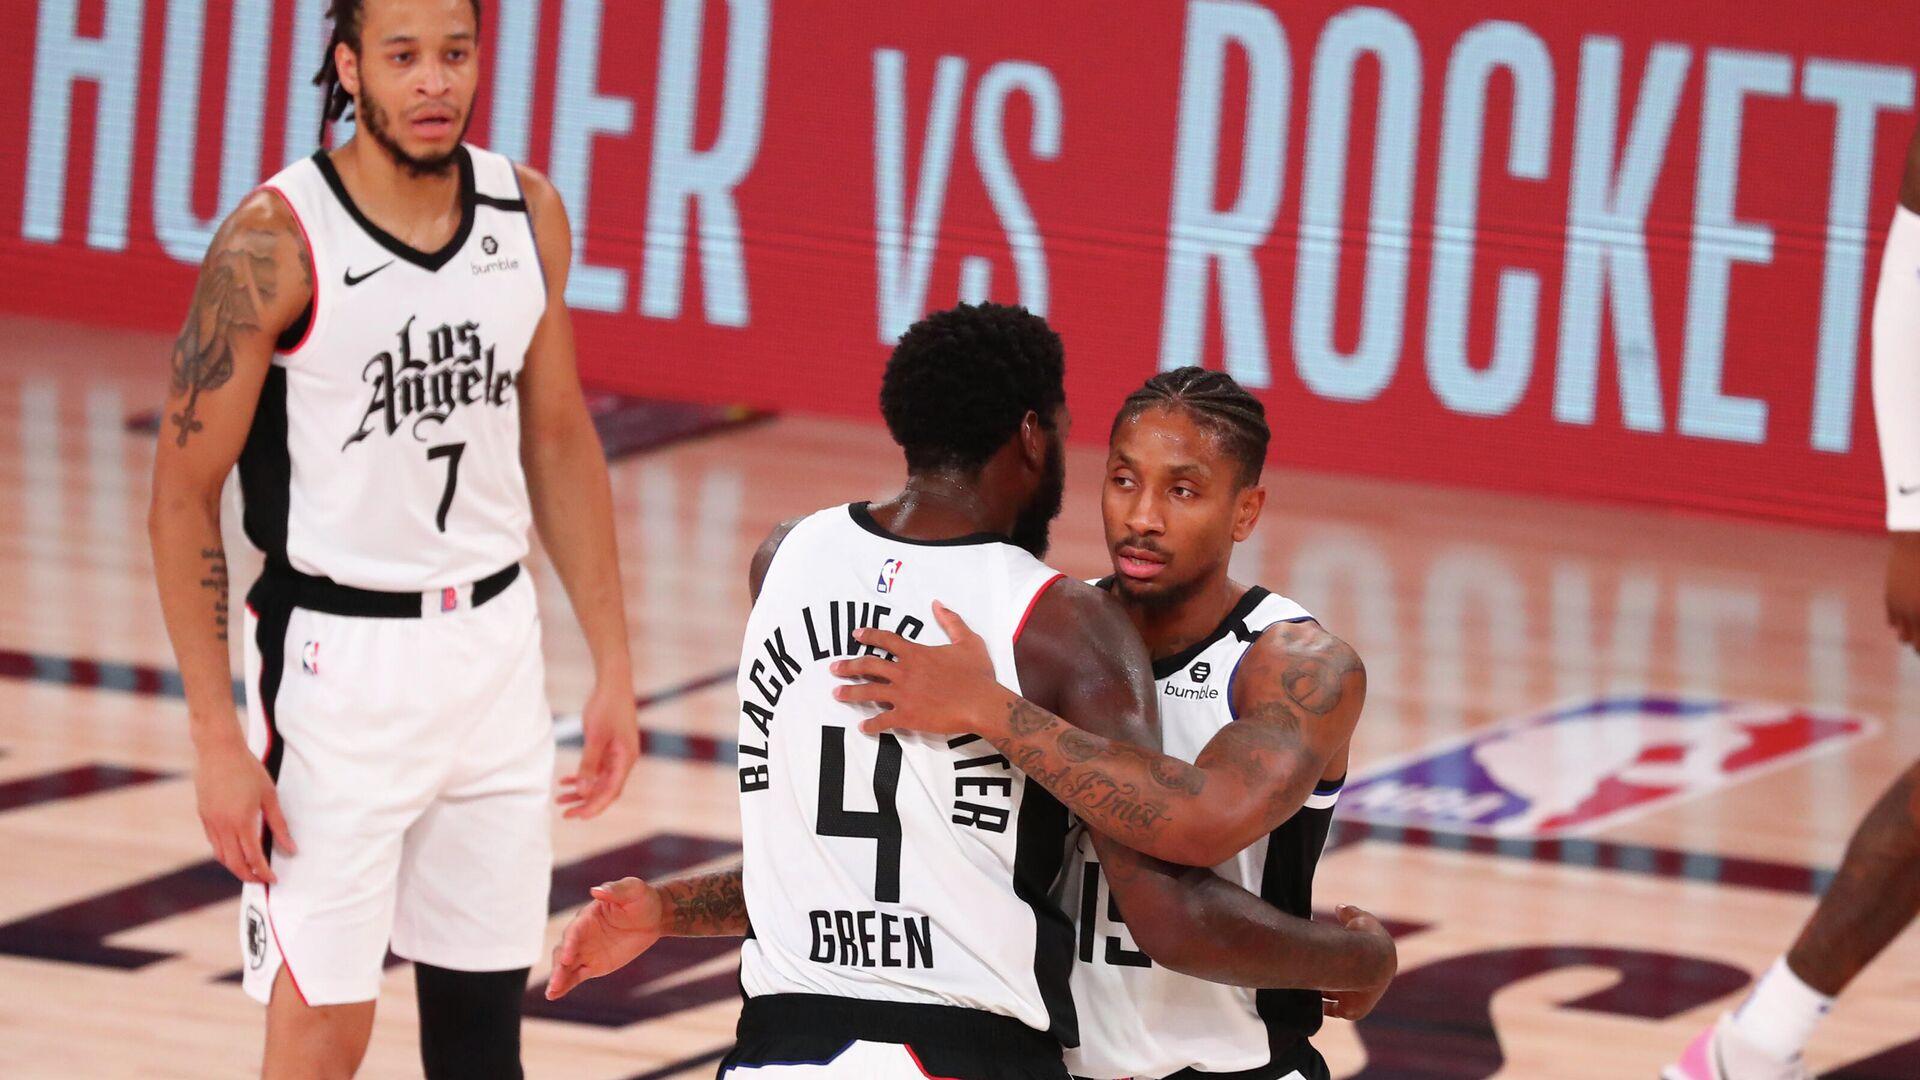 Баскетболисты Лос-Анджелес Клипперс в матче плей-офф НБА - РИА Новости, 1920, 04.09.2020